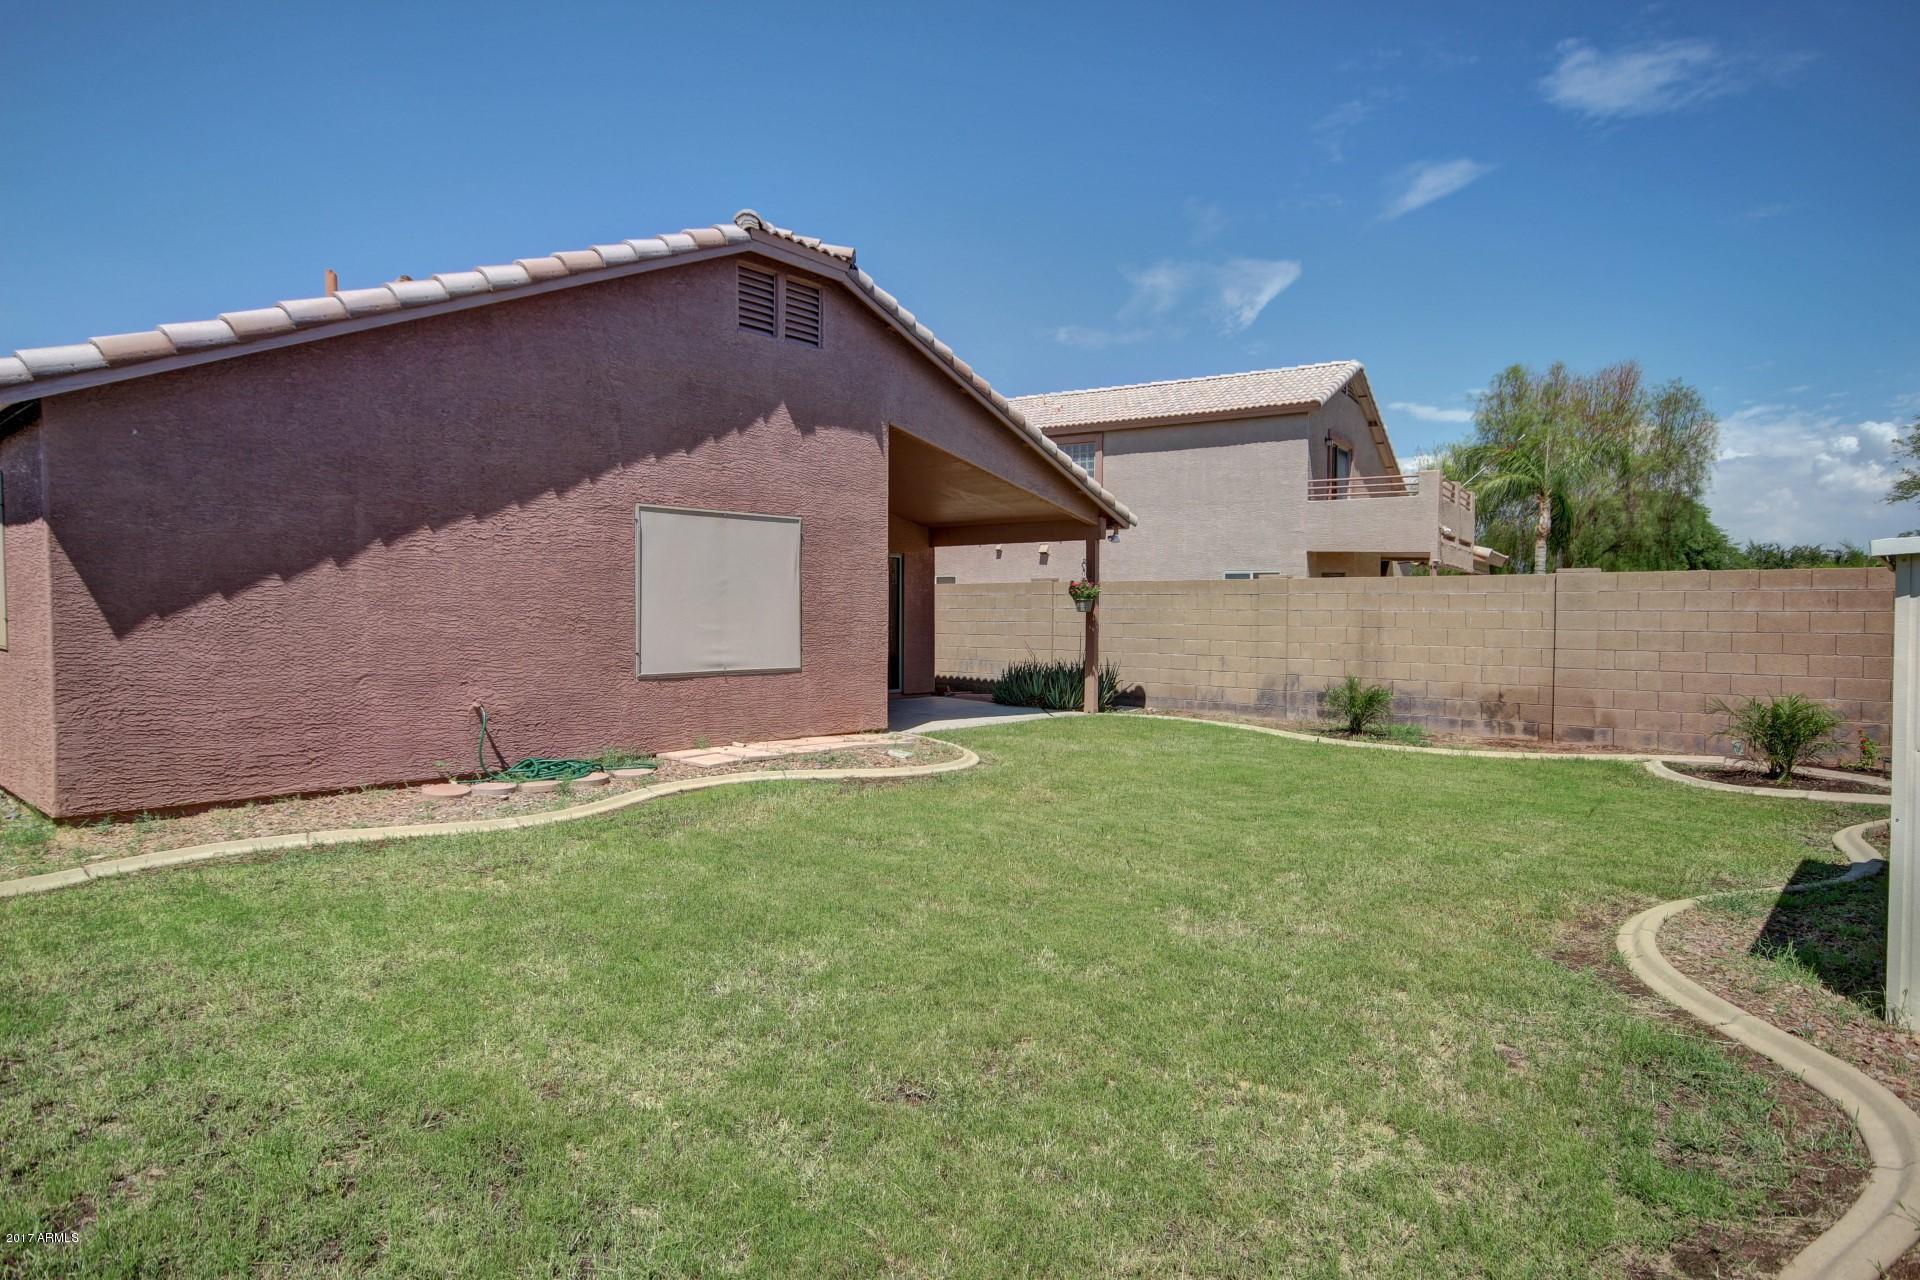 16169 W Davis  Road Surprise, AZ 85374 - img24